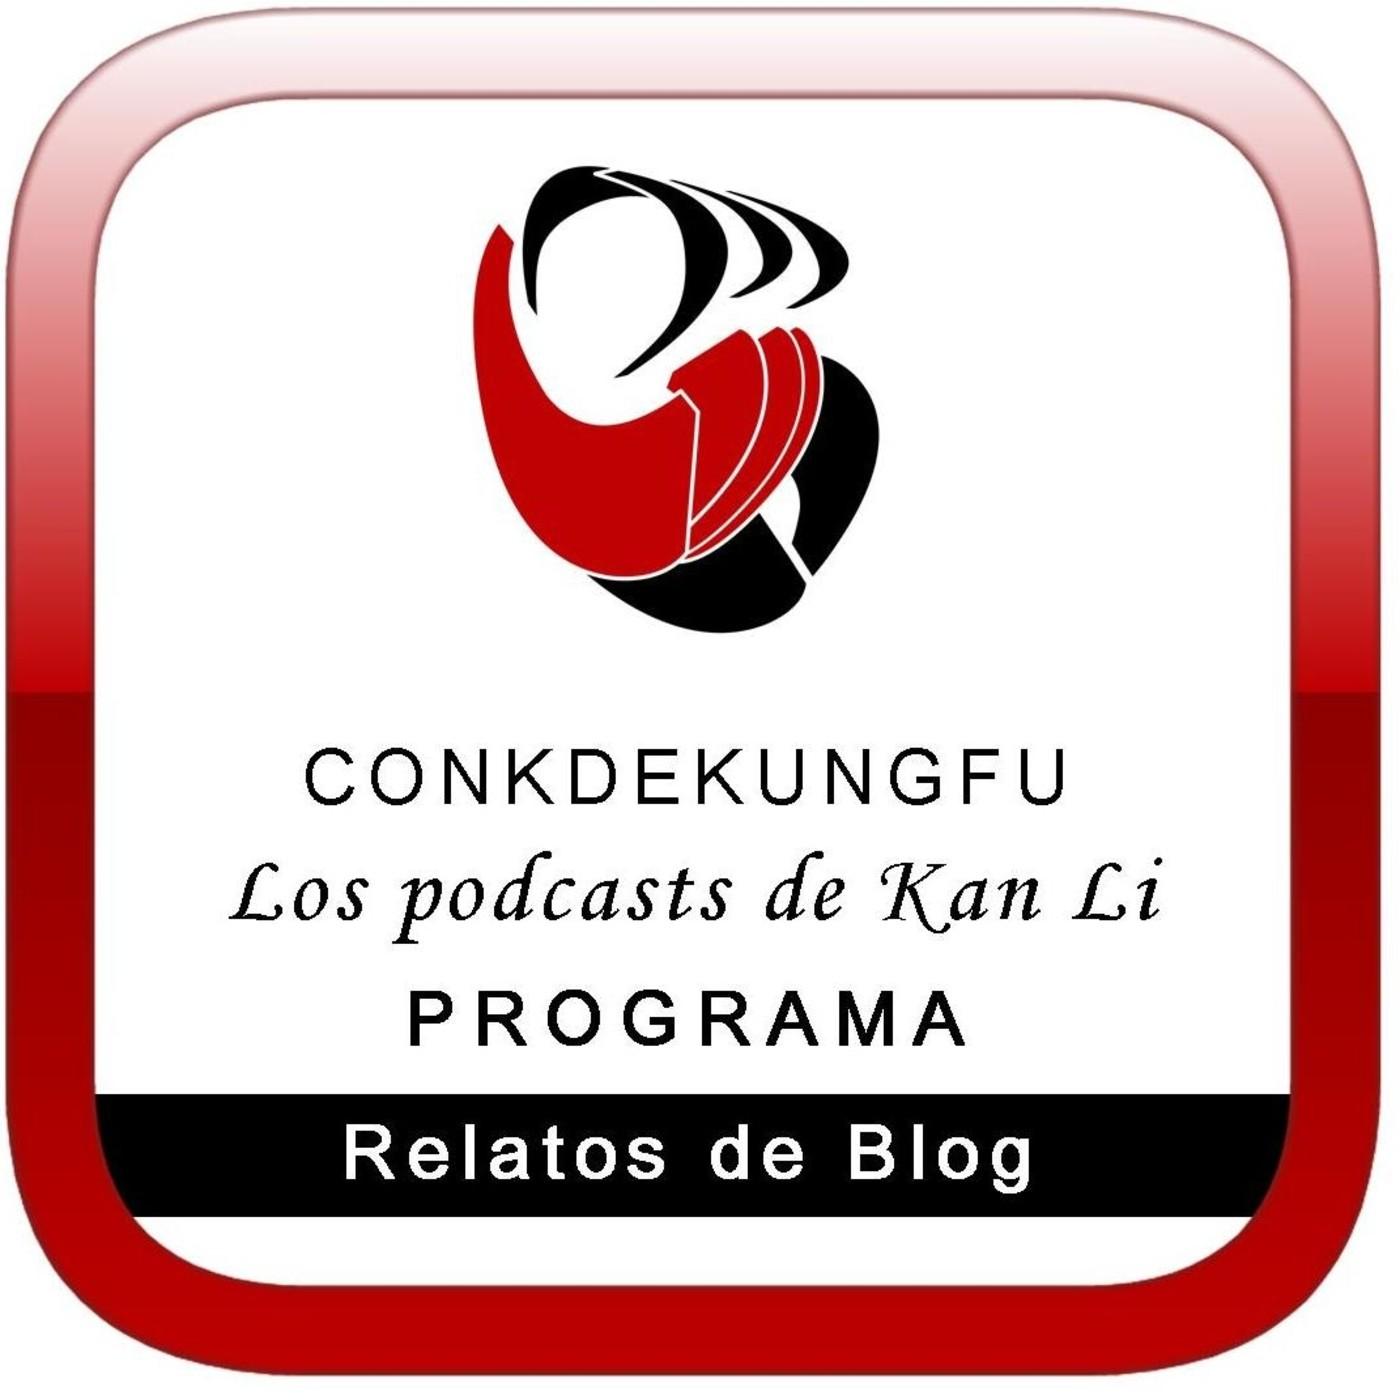 Relatos de Blog